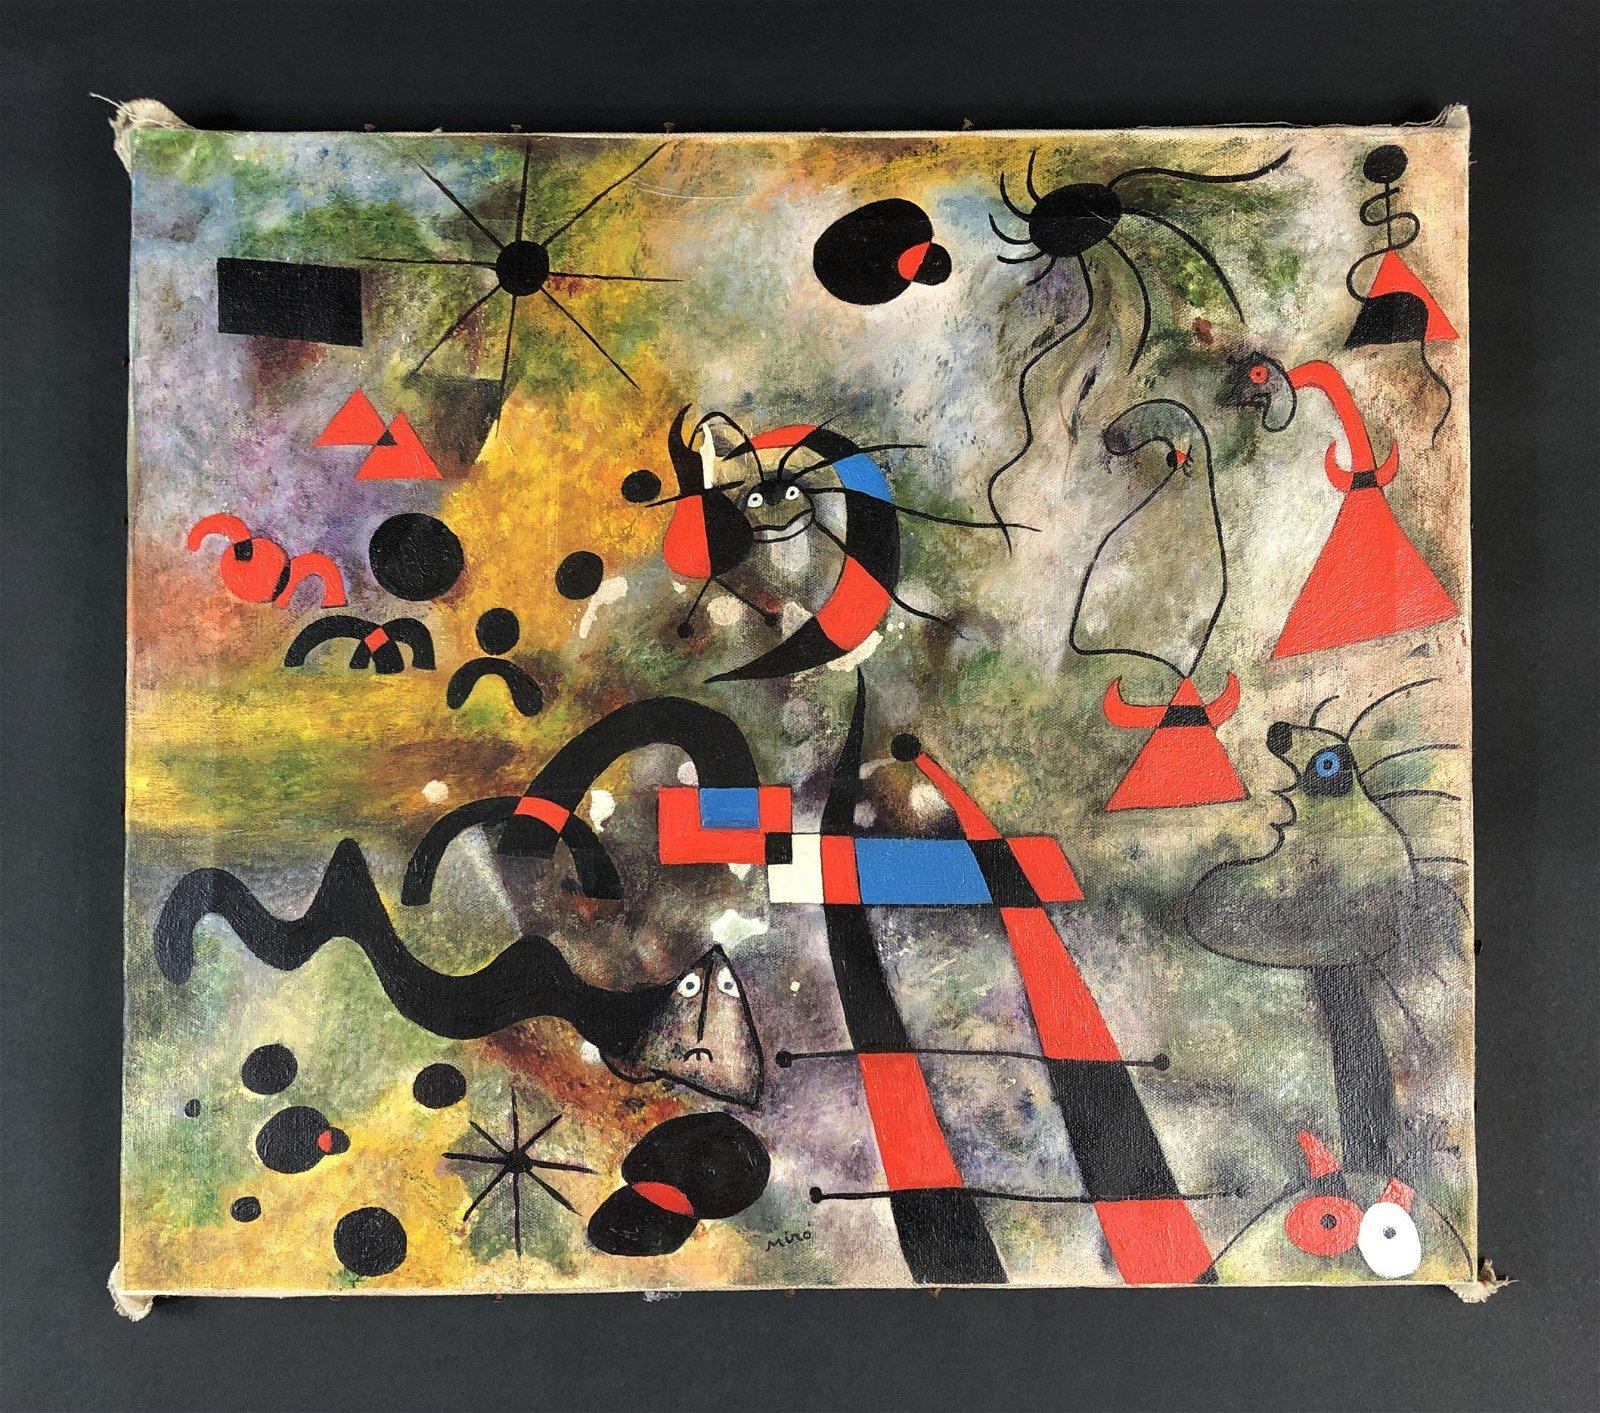 Joan Miro (Spanish, 1893-1983) - Acrylic on Canvas